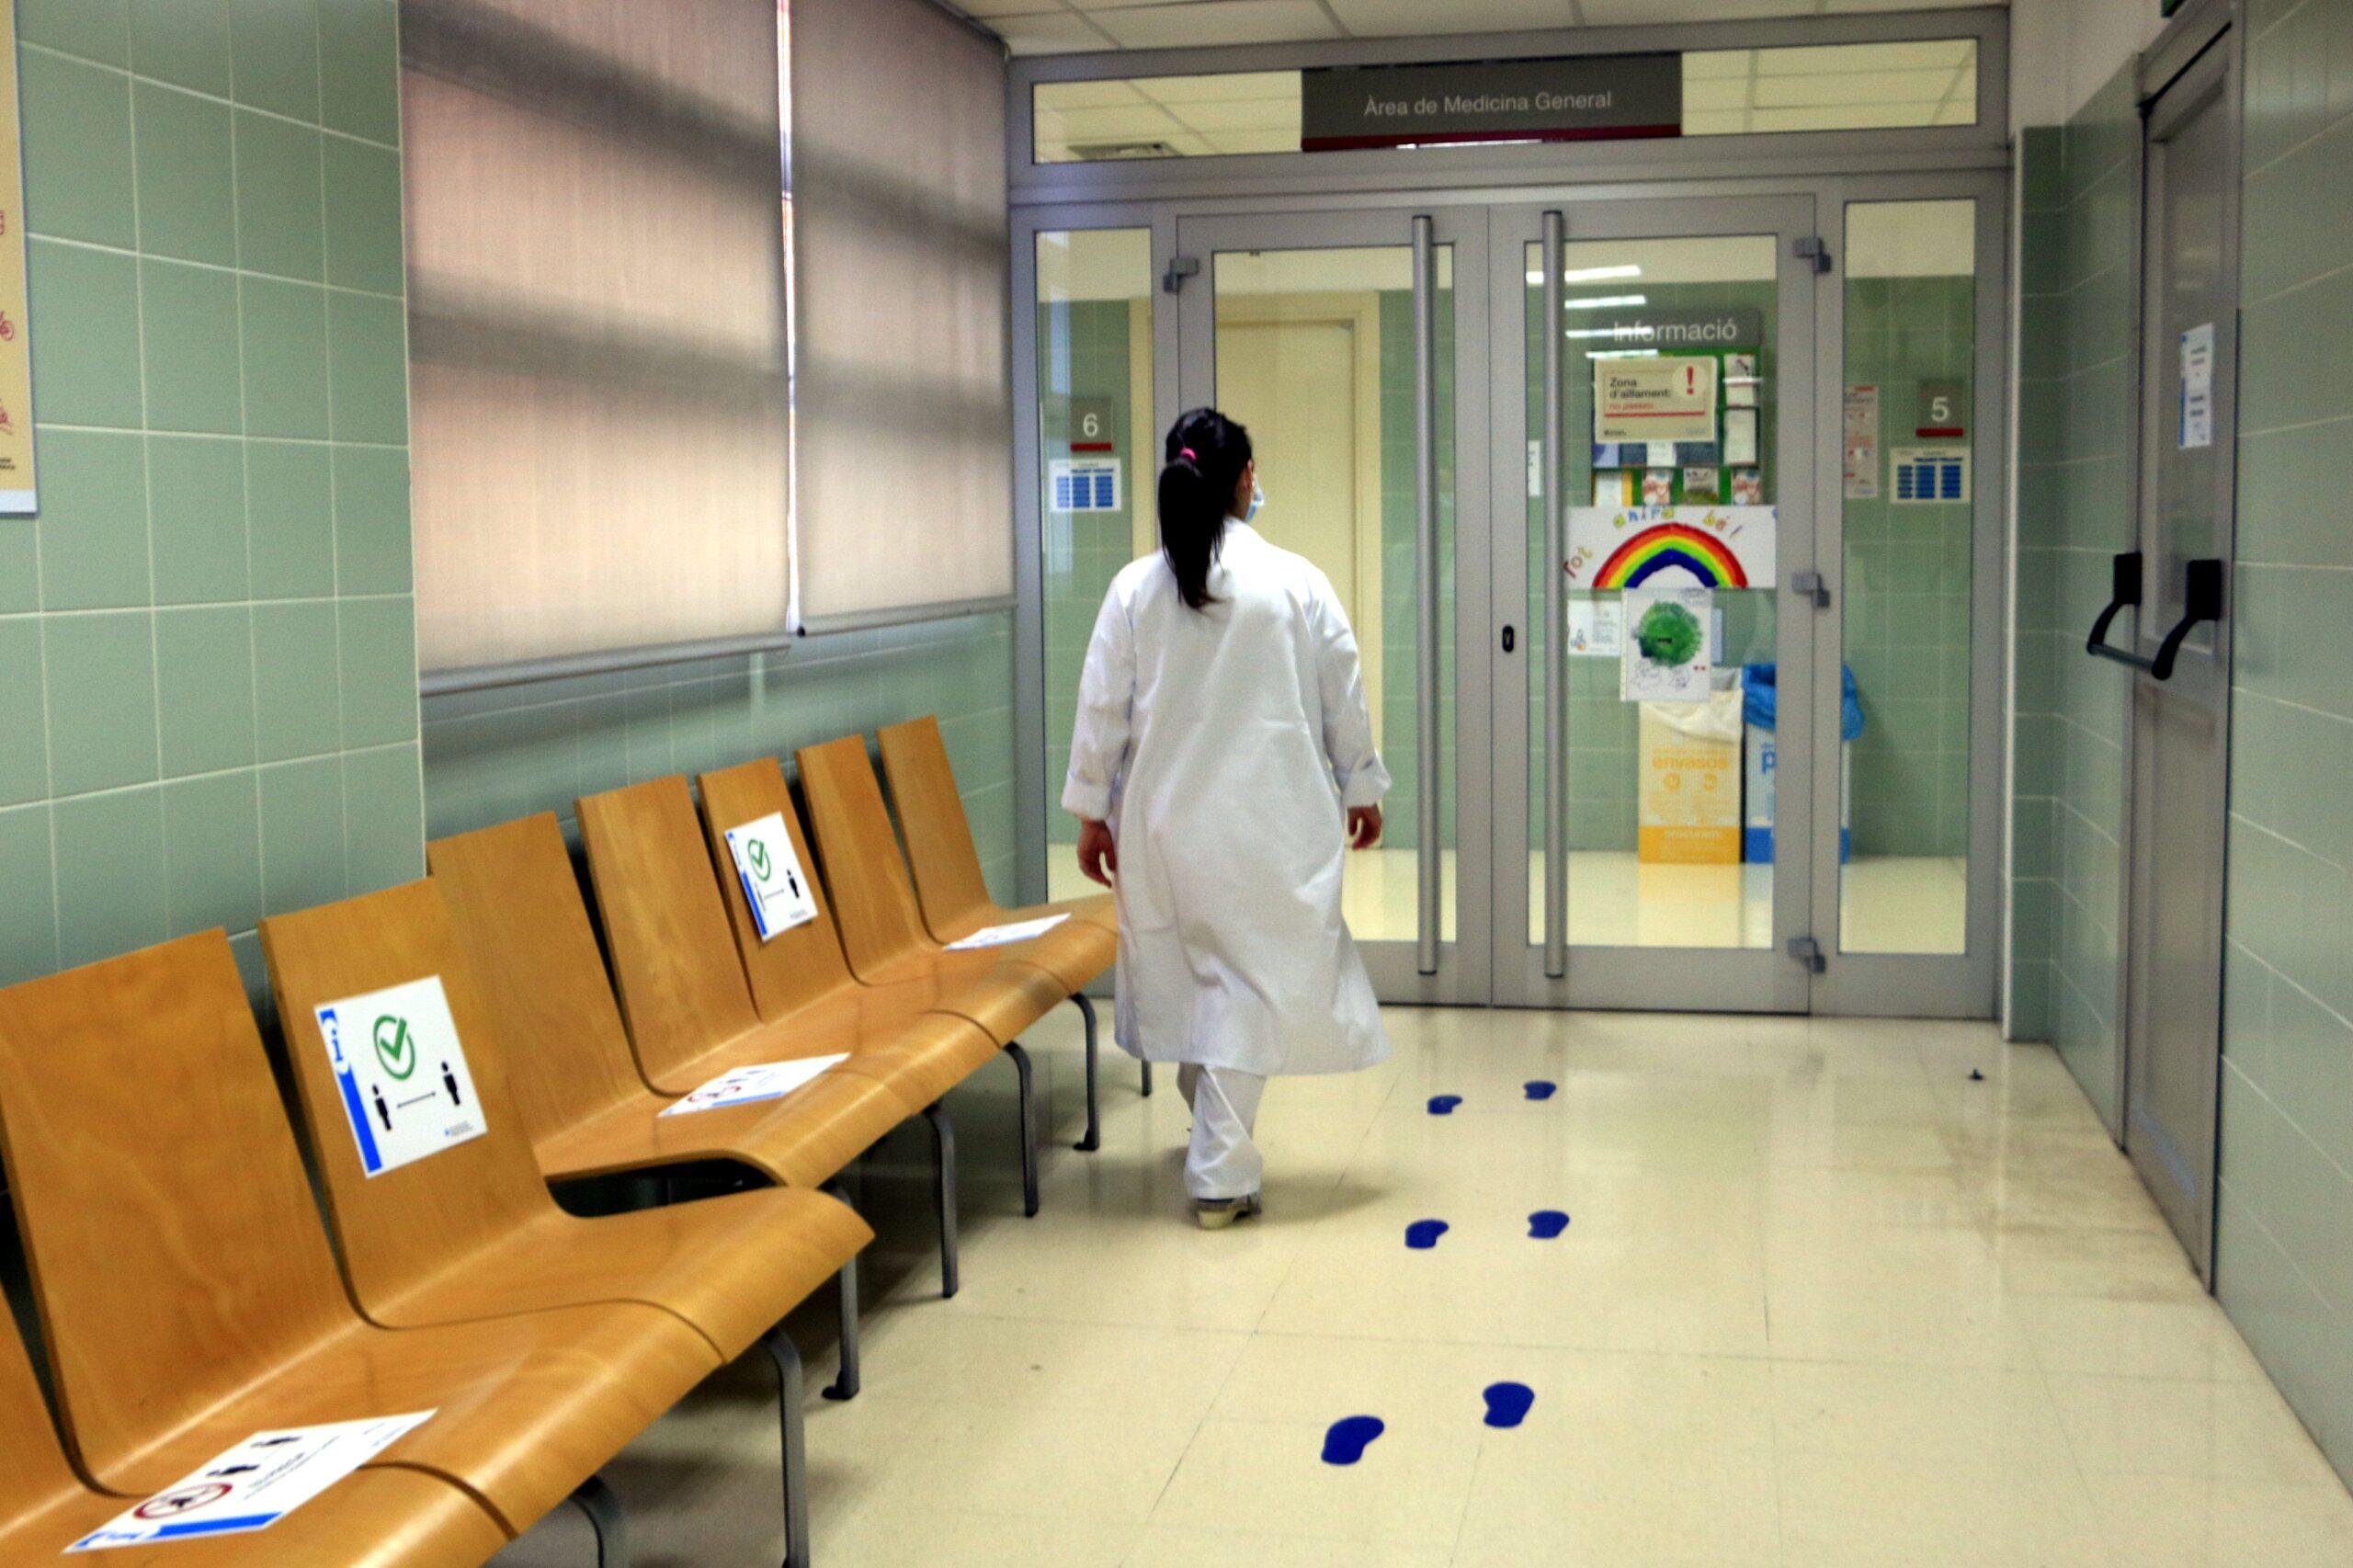 Una infermera del CAP Verdaguer camina cap a l'àrea reservada a l'atenció pediàtrica (ACN)